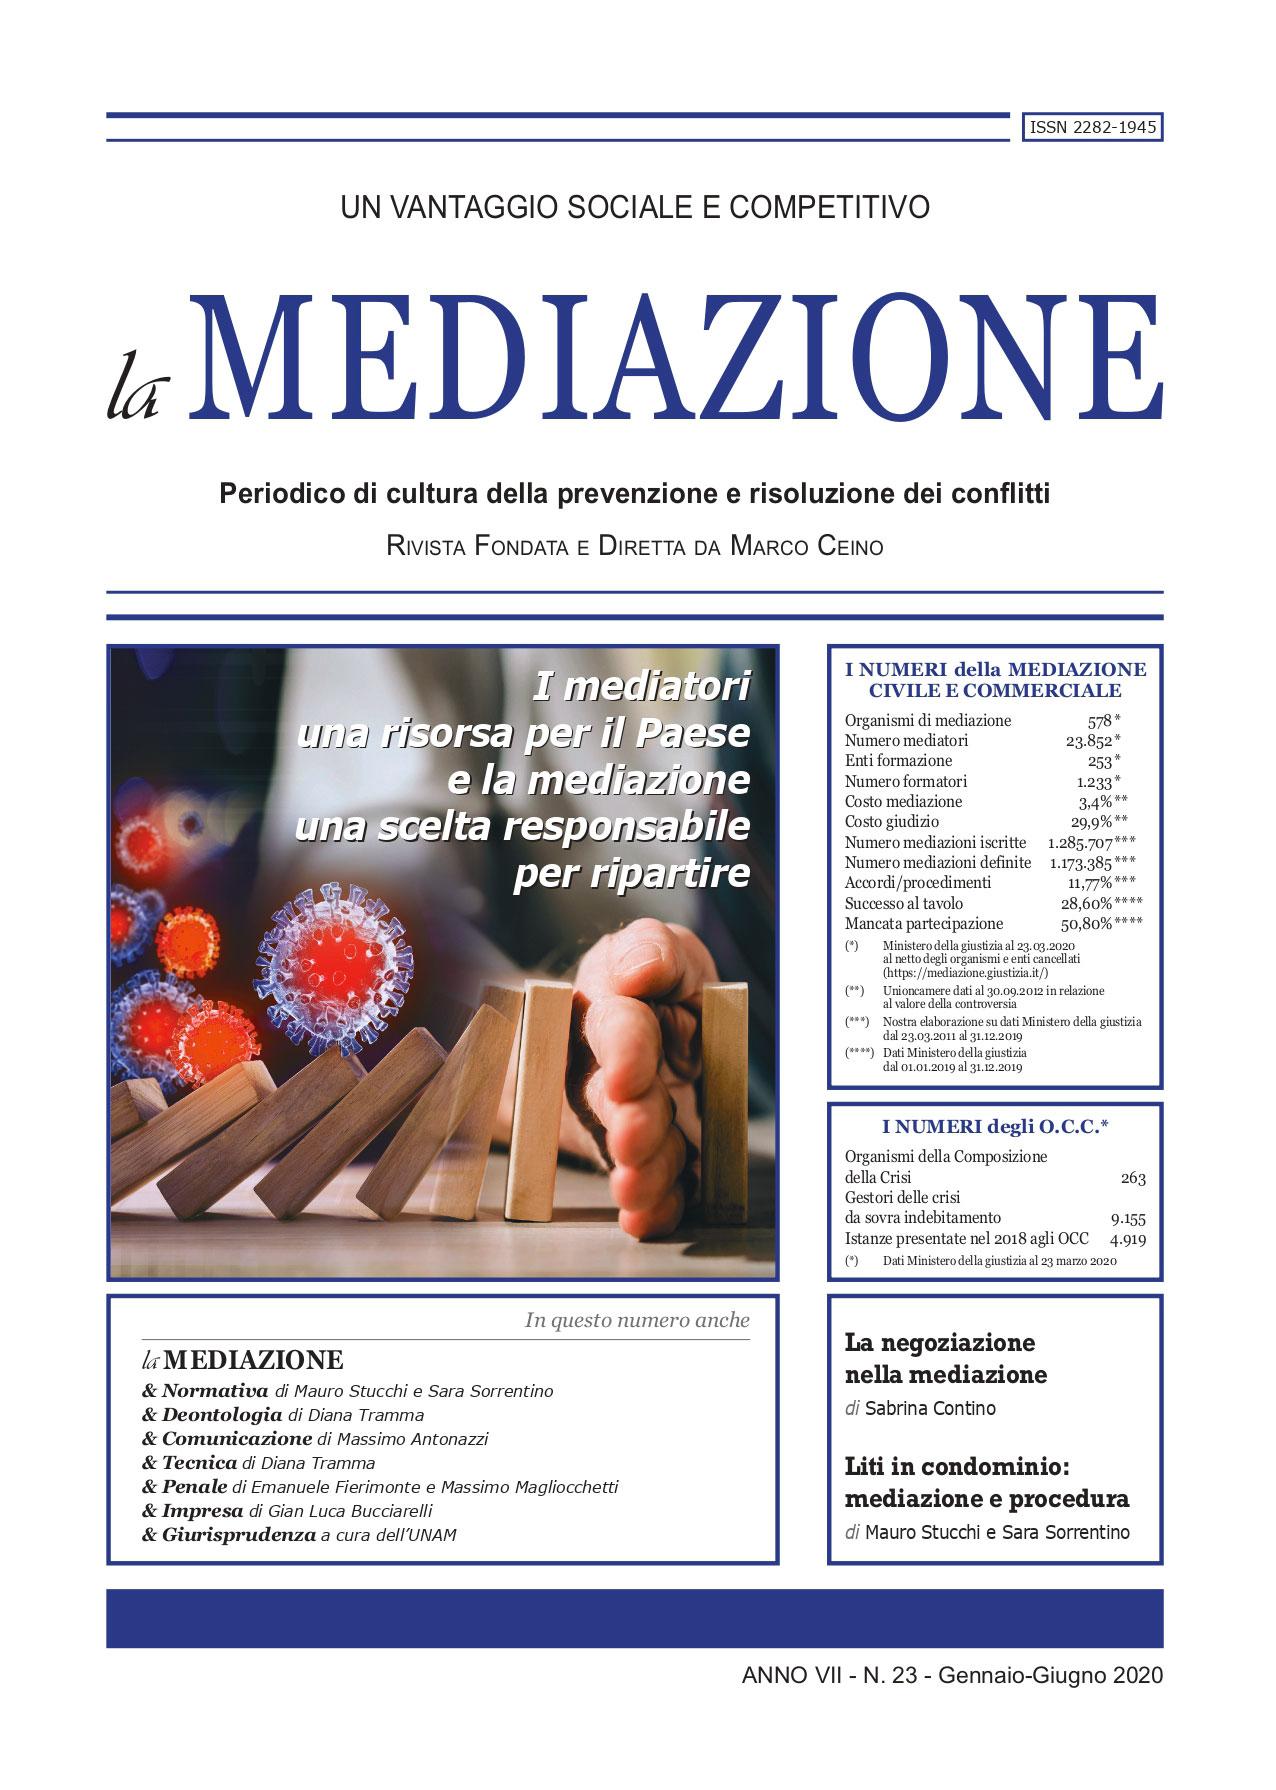 I mediatori una risorsa per il Paese e la mediazione una scelta responsabile per ripartire di Marco Ceino